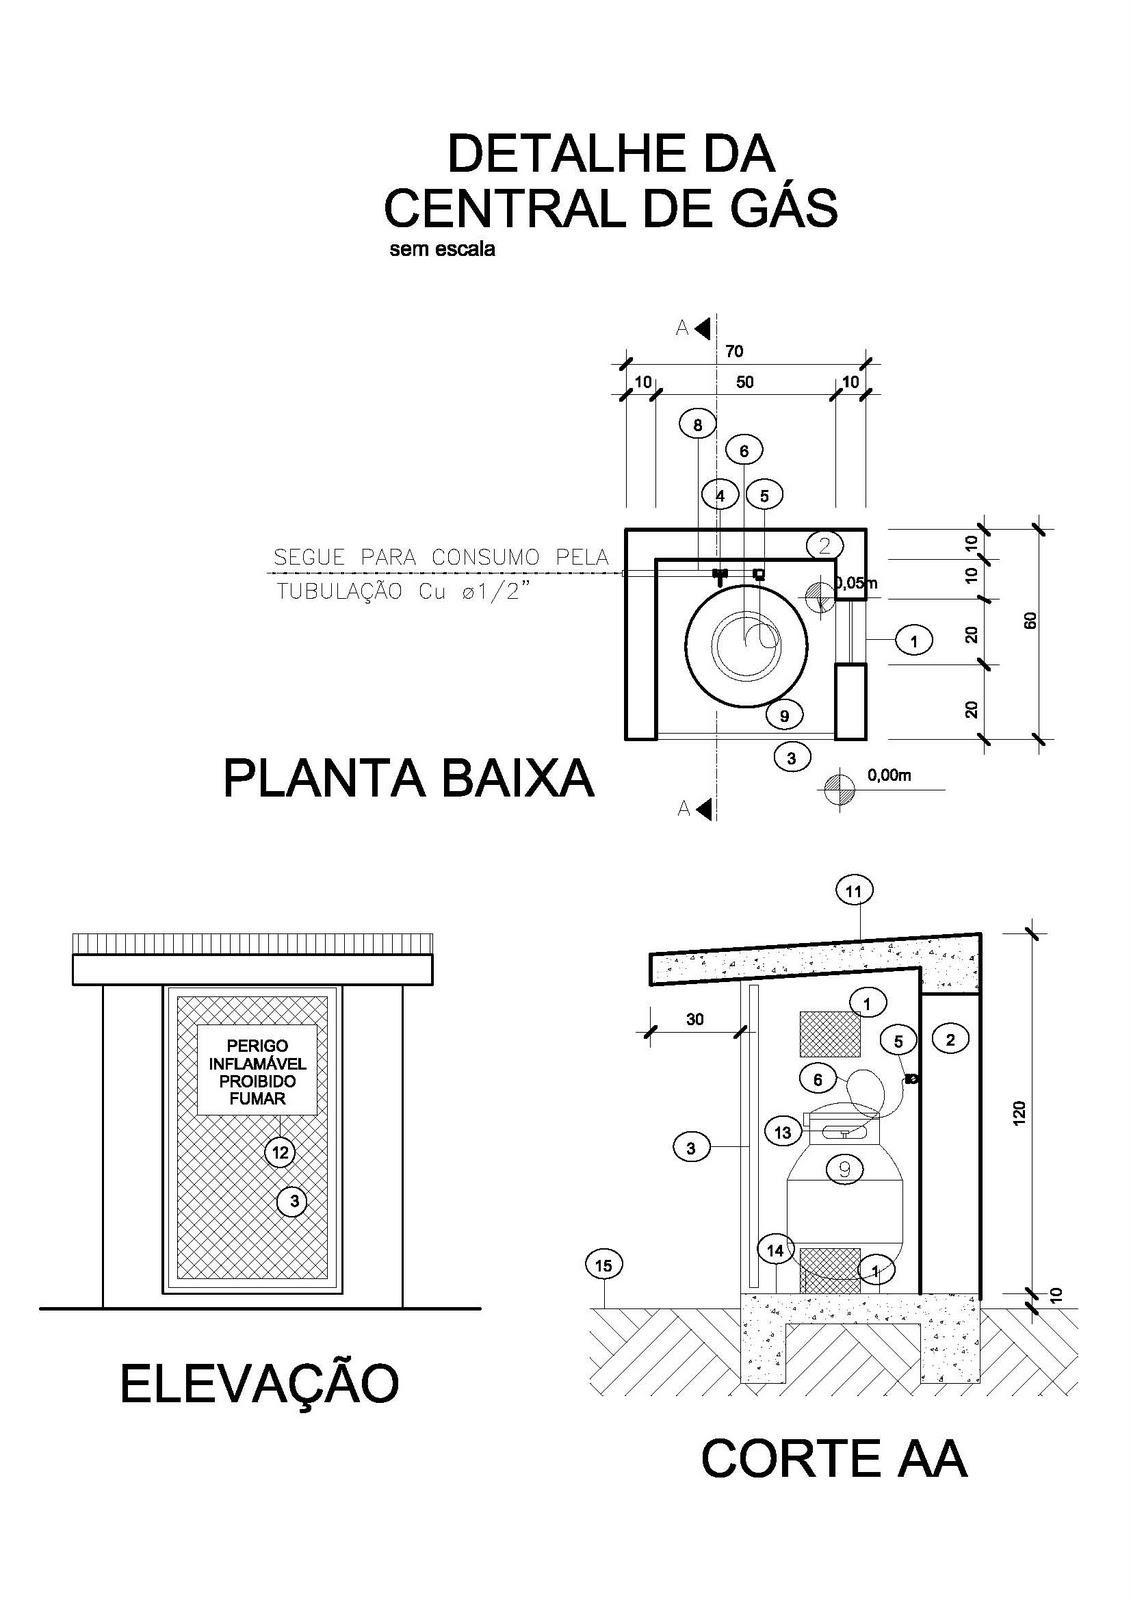 #323232 de gás também faz parte da arquitetura portanto quem gosta de  1131x1600 px Projeto De Gas Para Cozinha Industrial_4821 Imagens